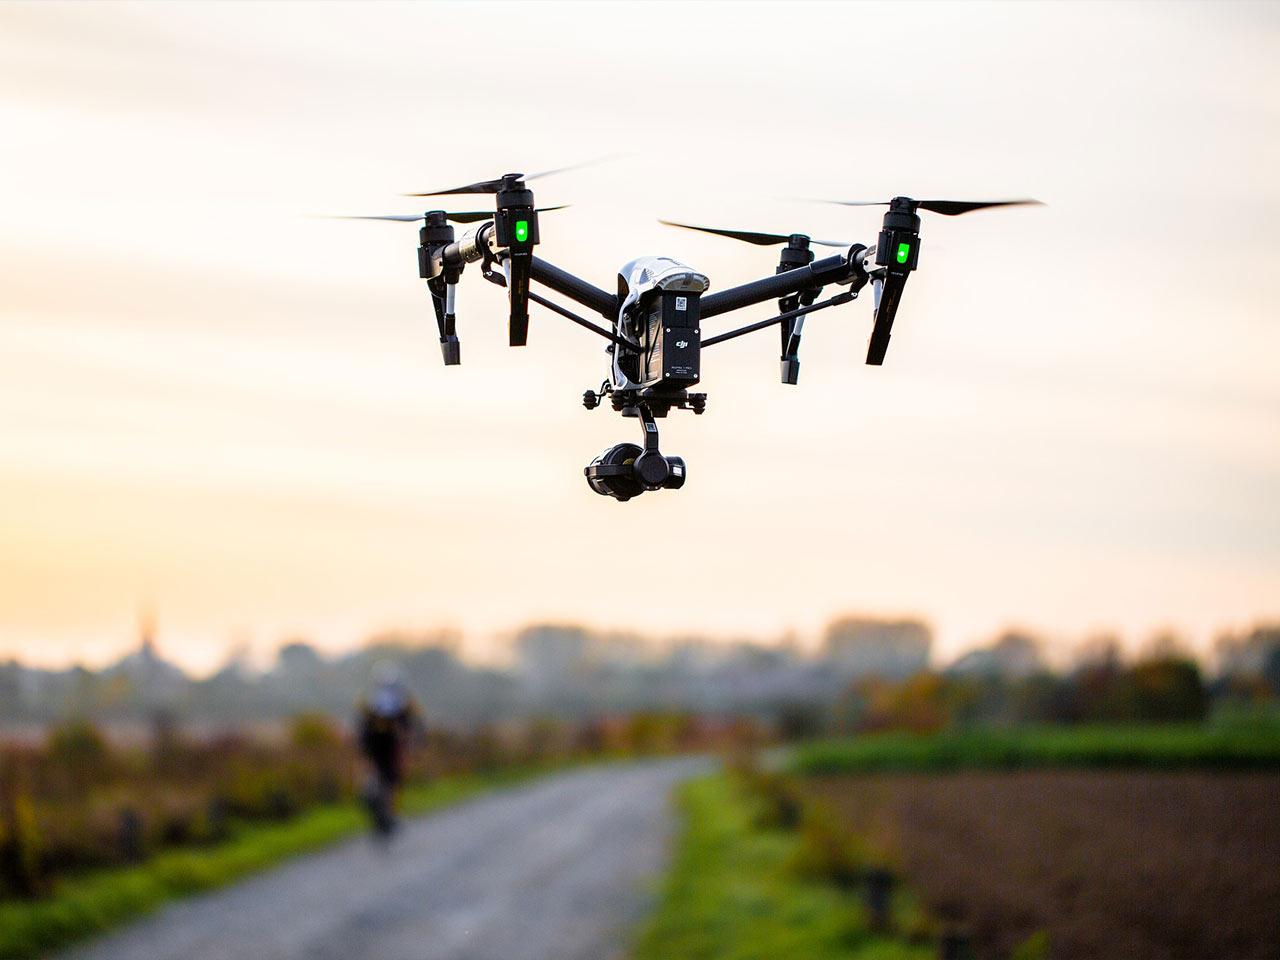 Betriebliche Organisation für einen sicheren Betrieb von Multikoptern (Drohnen)